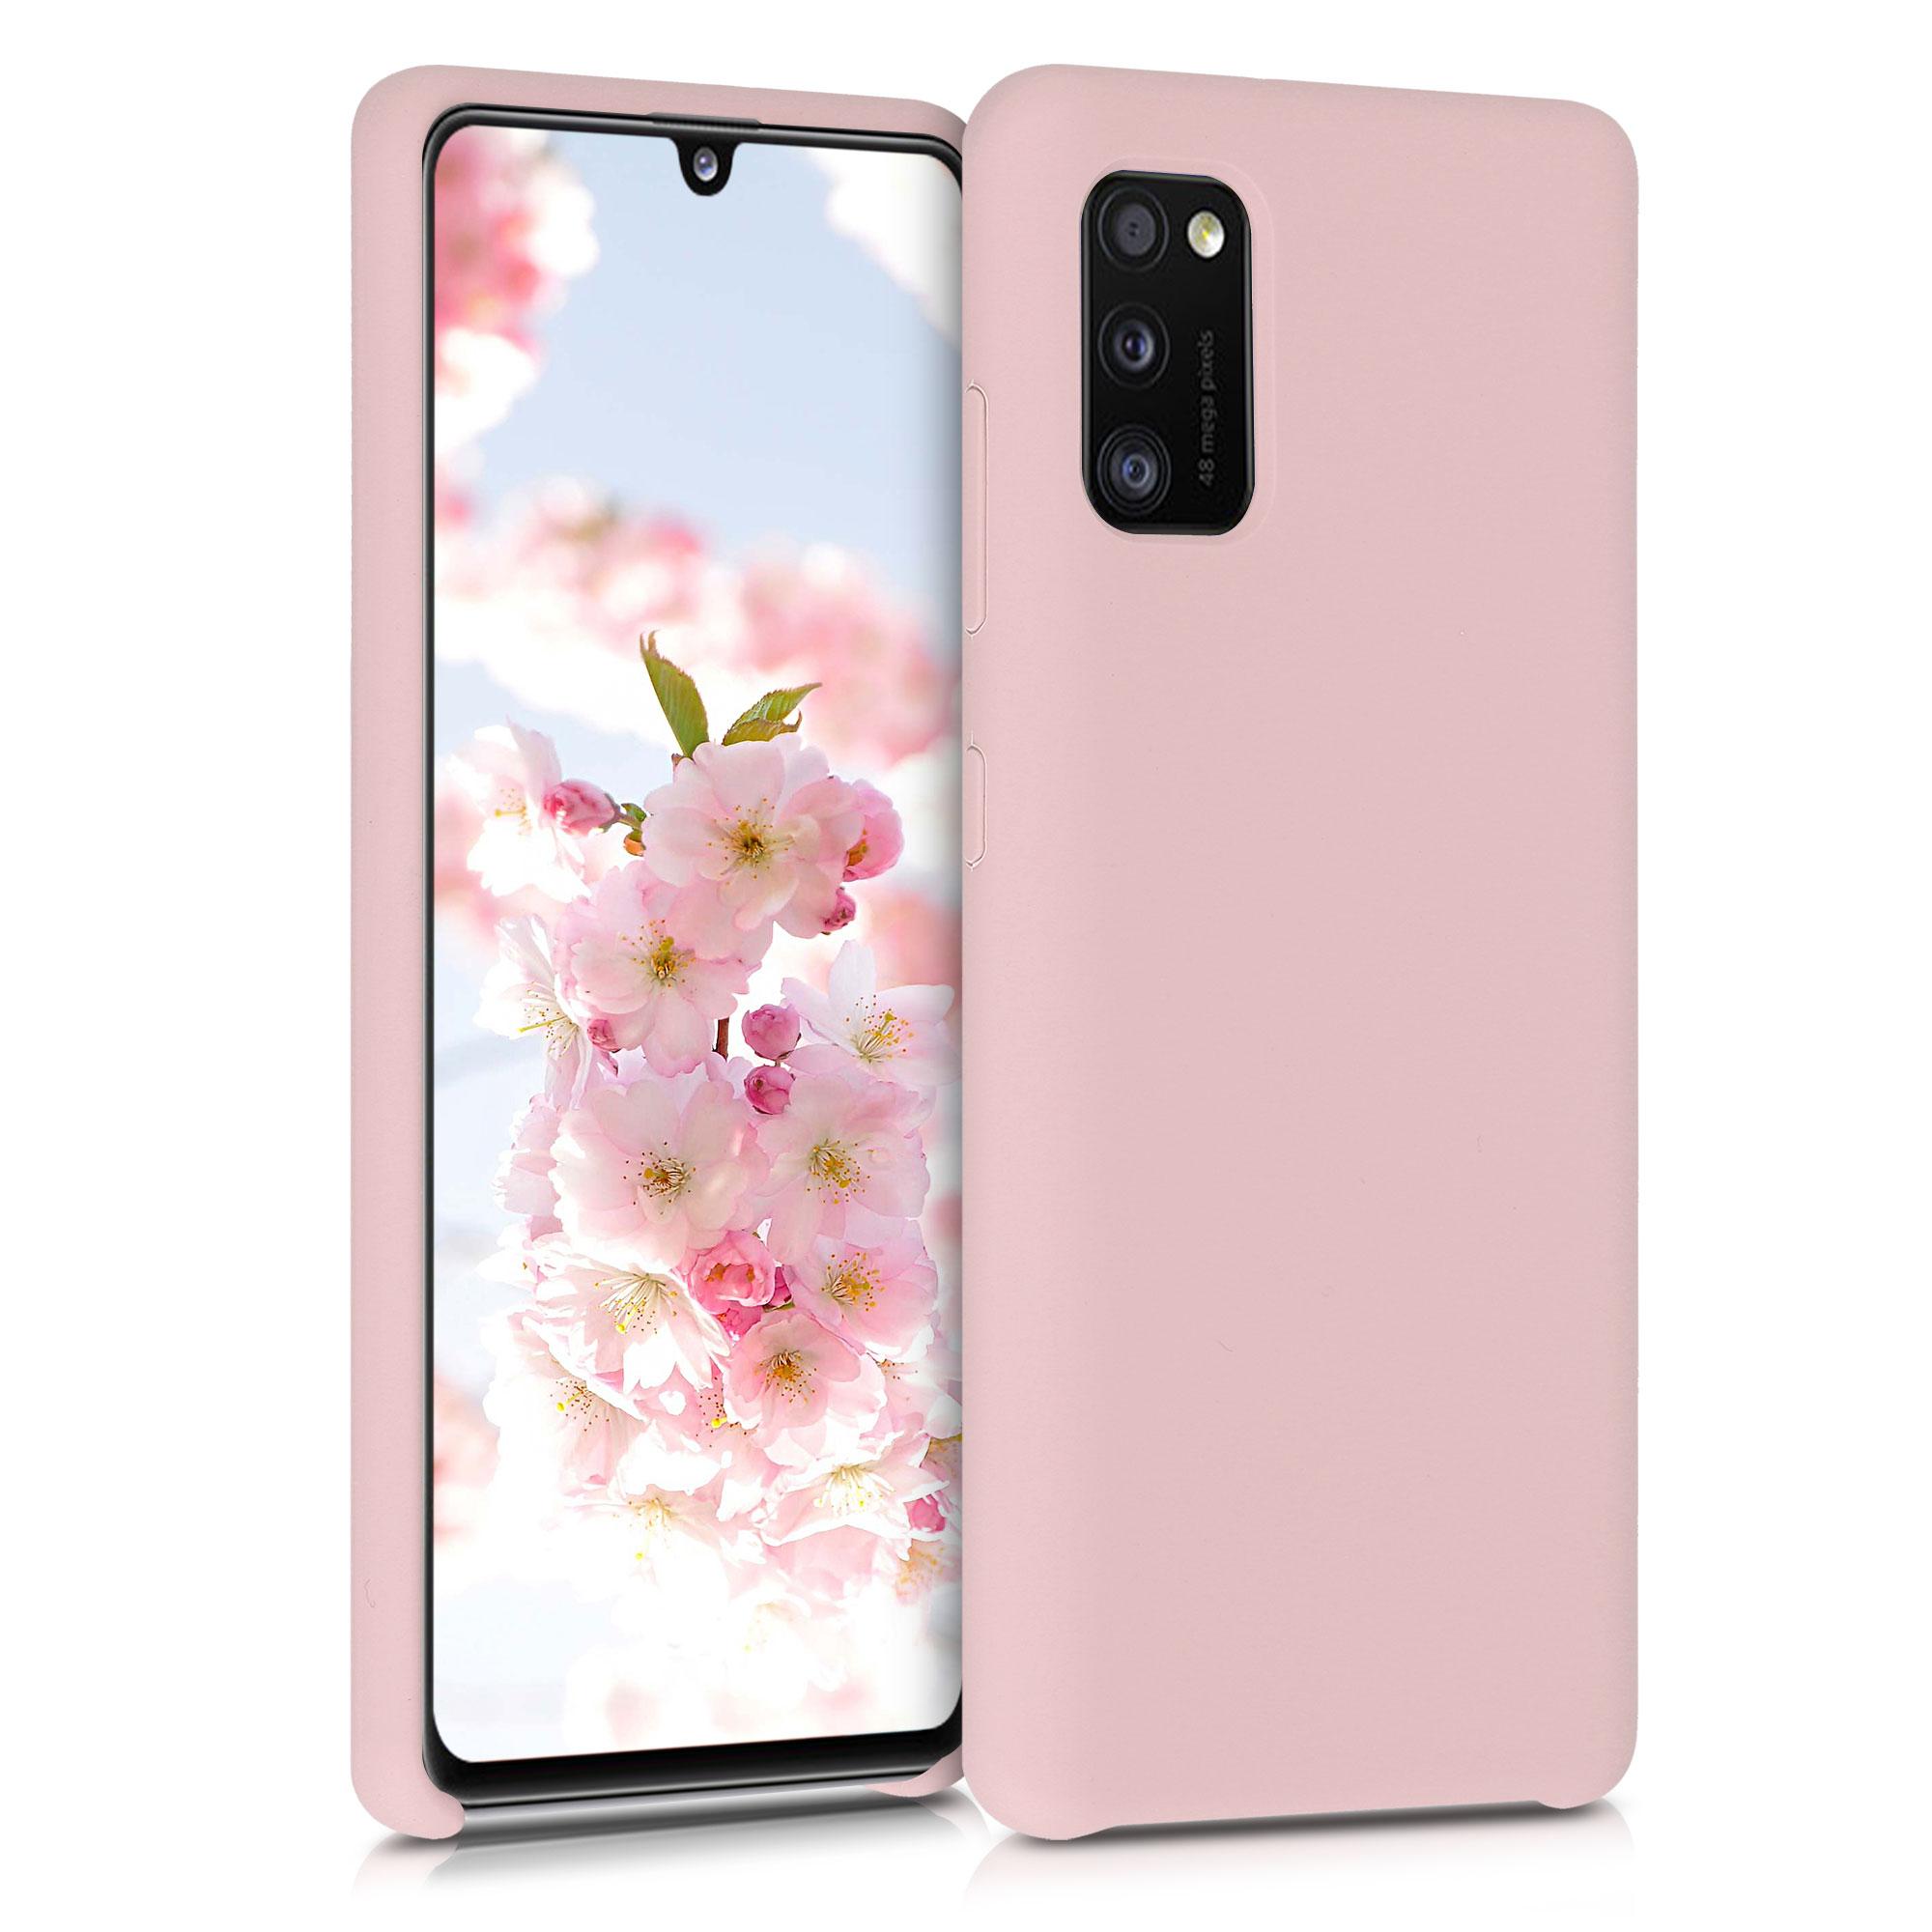 Kvalitní silikonové TPU pouzdro pro Samsung A41 - Antique růžové matné